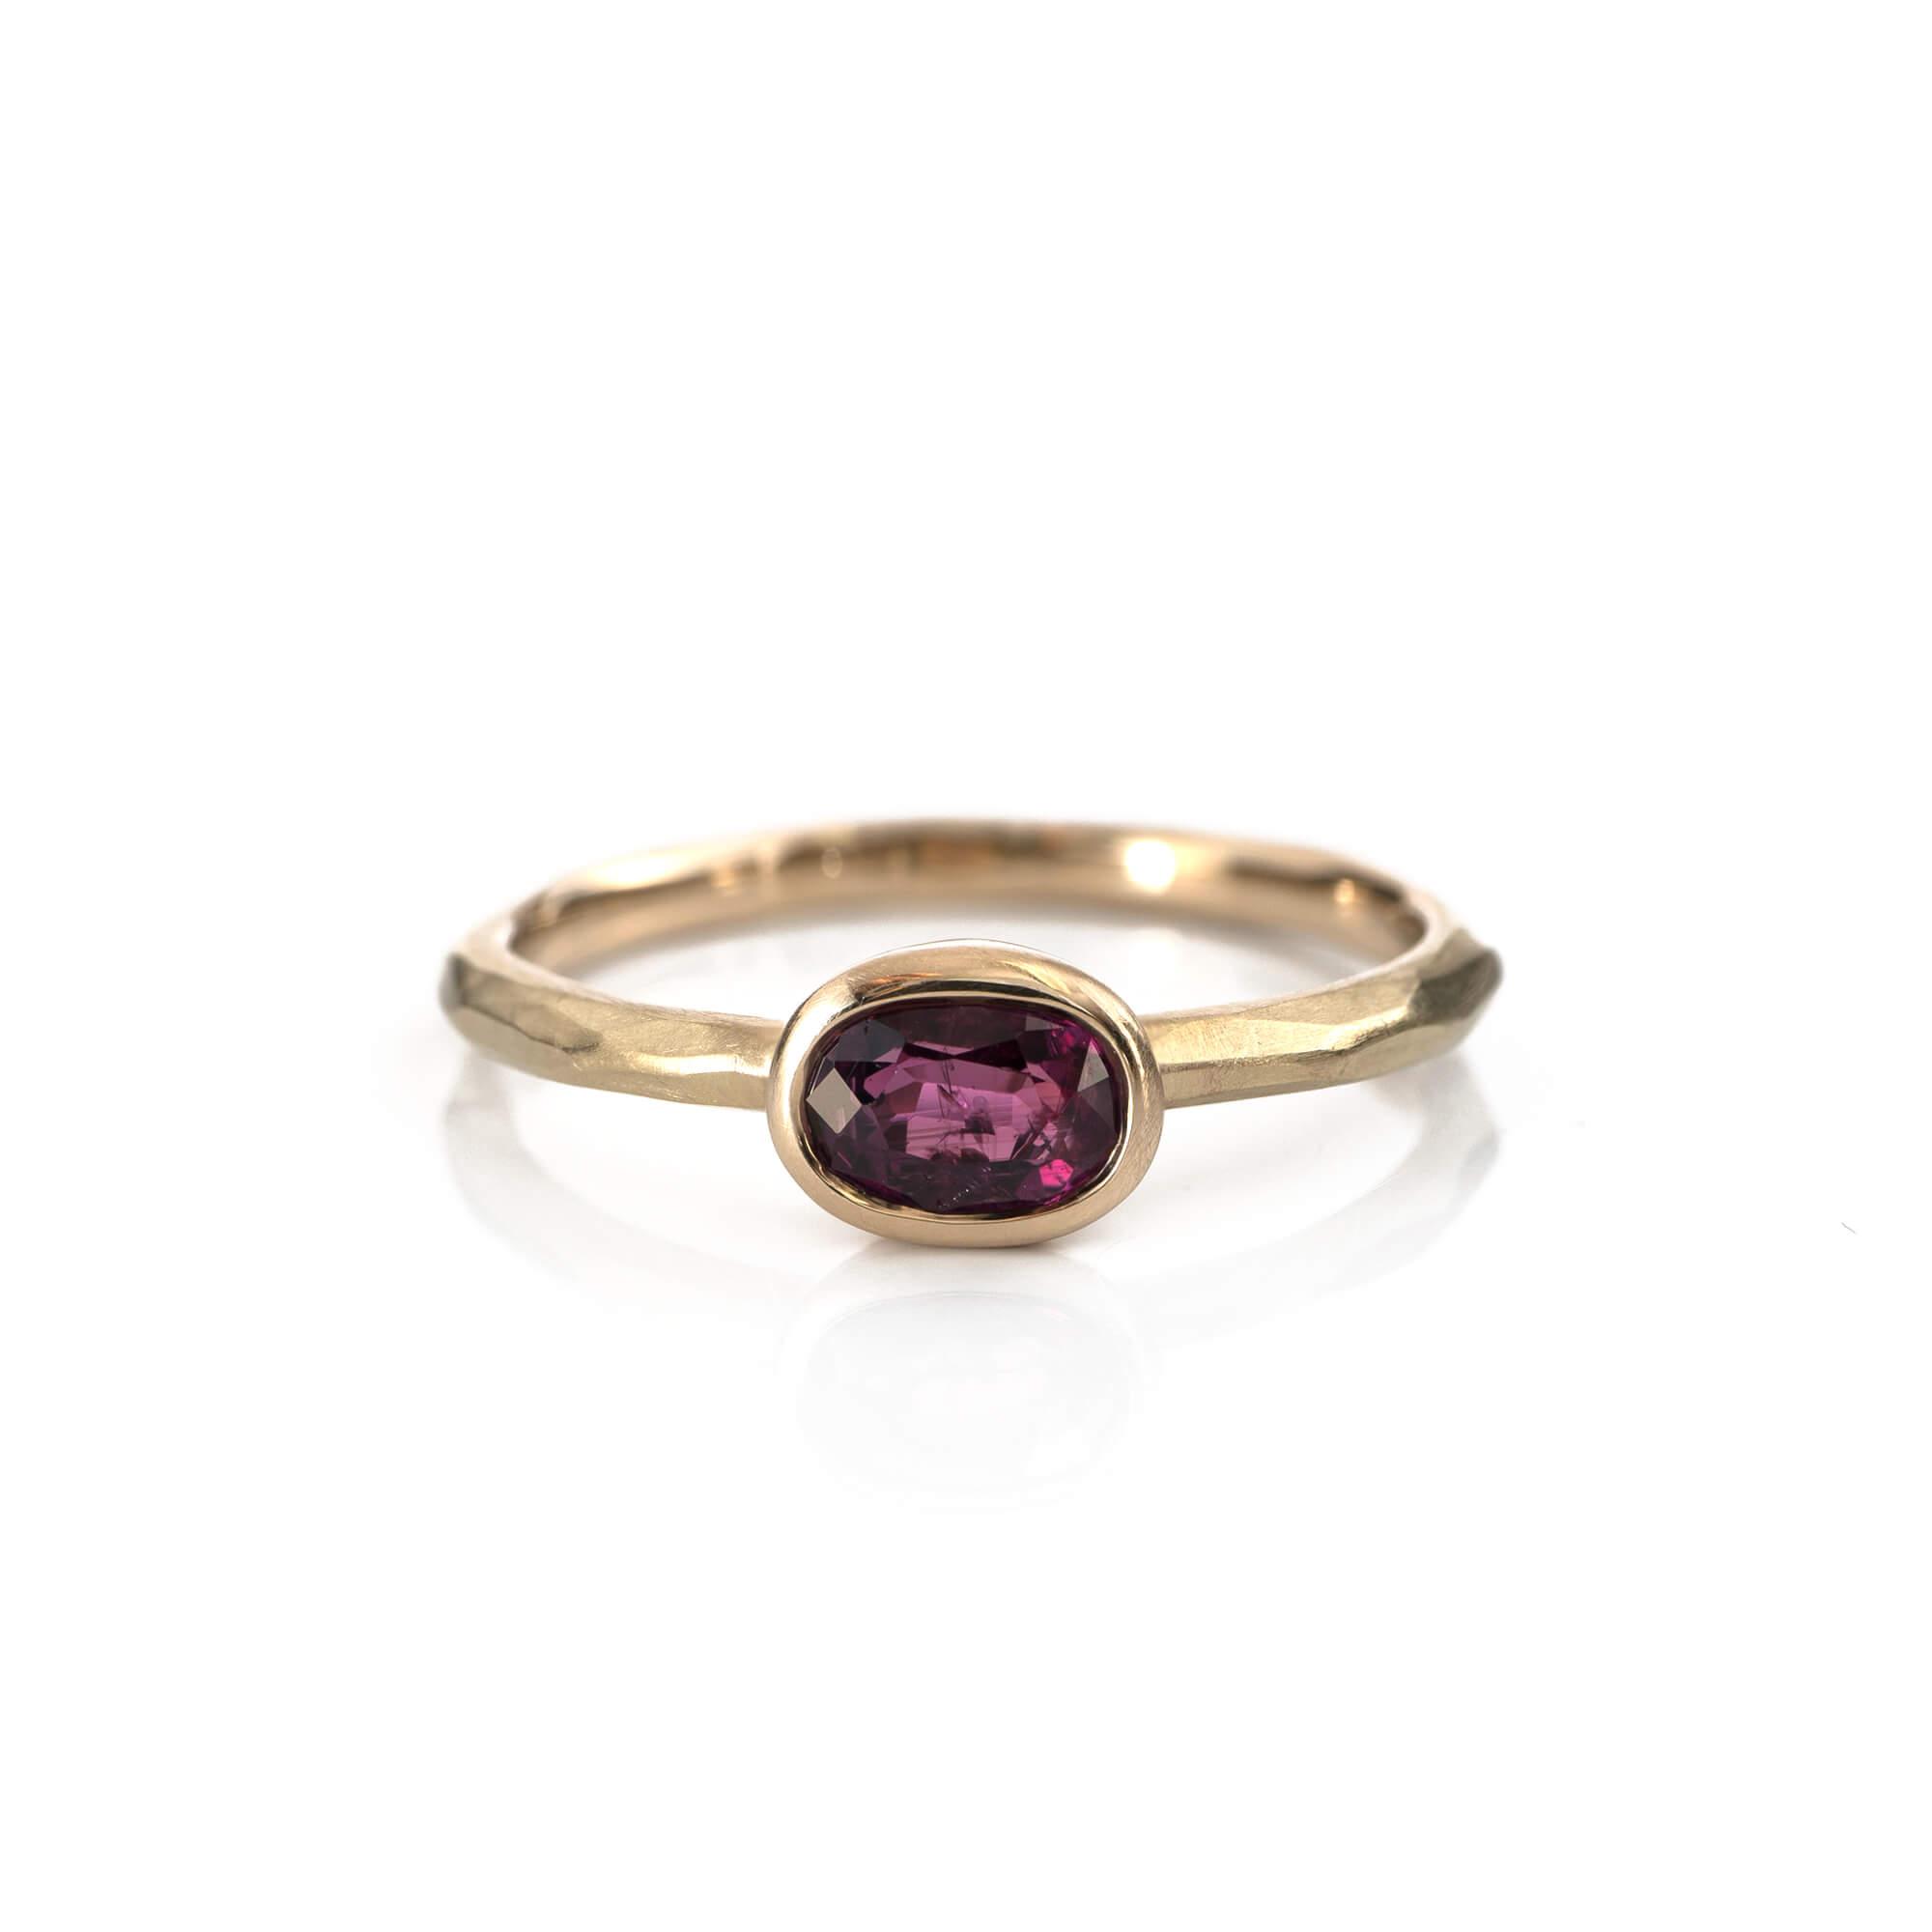 ルビーとサファイアを抱いたシャンパンゴールドの指輪 #リメイクジュエリー#屋久島でつくる結婚指輪